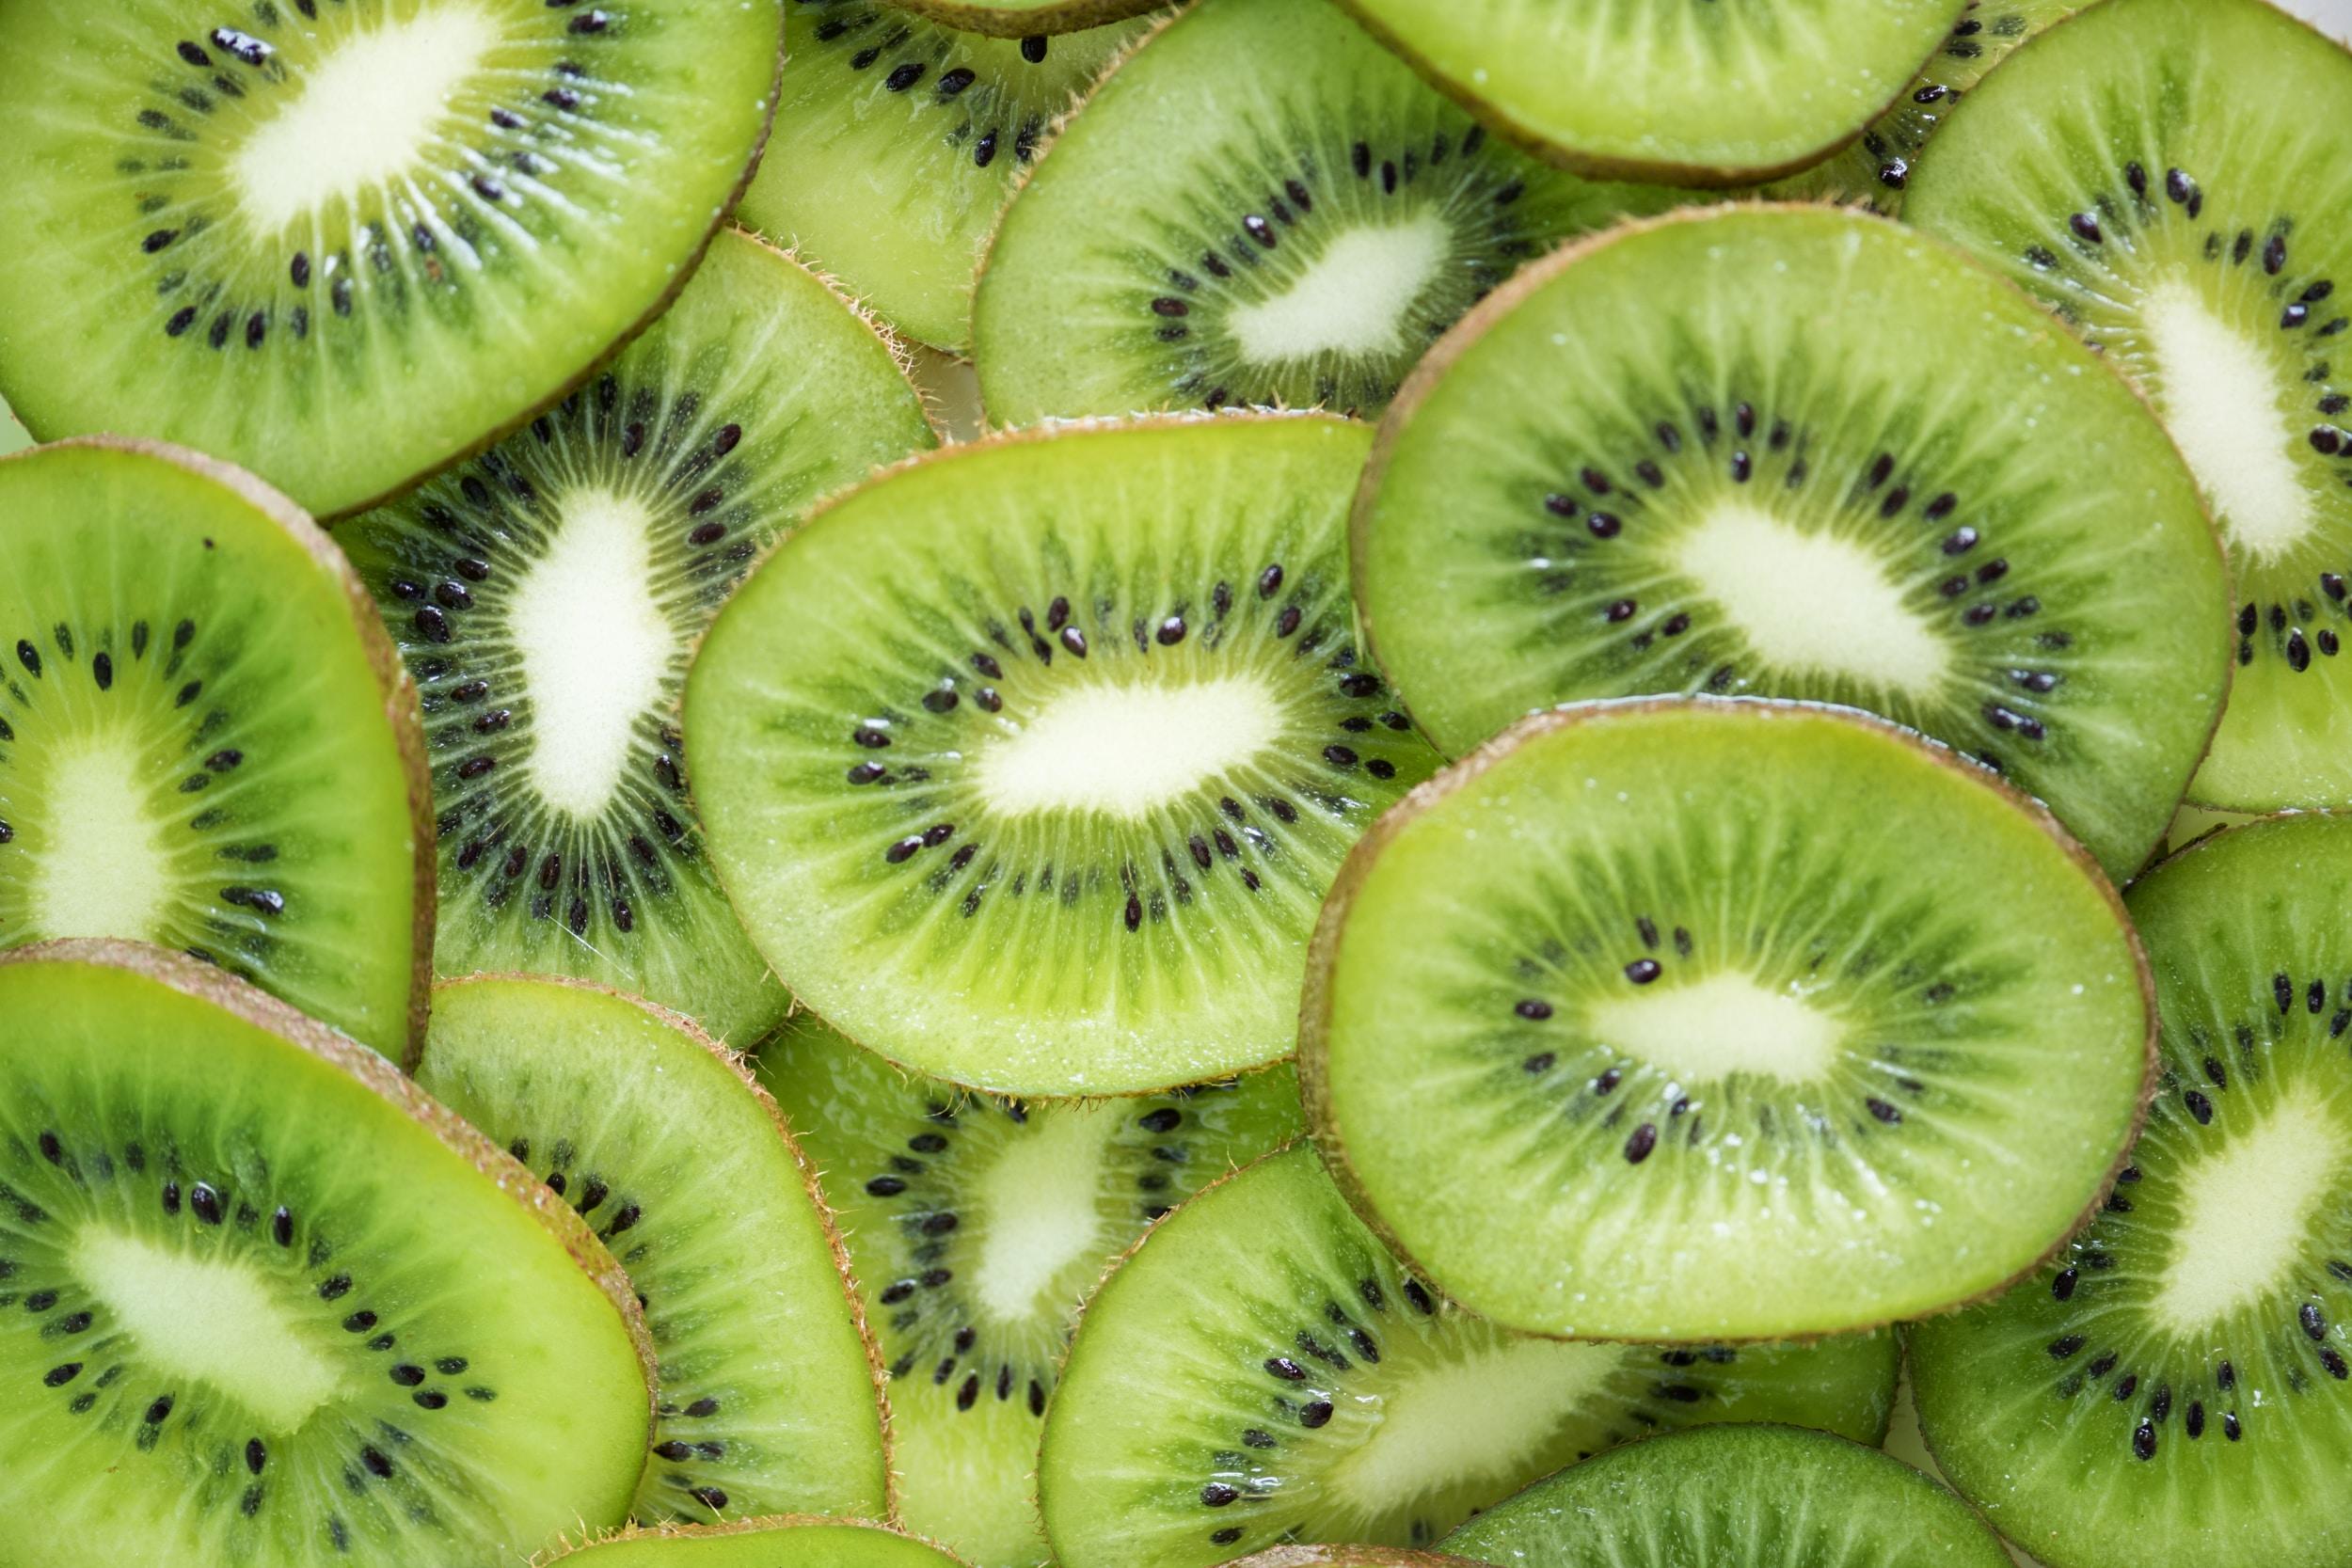 sliced kiwi lot